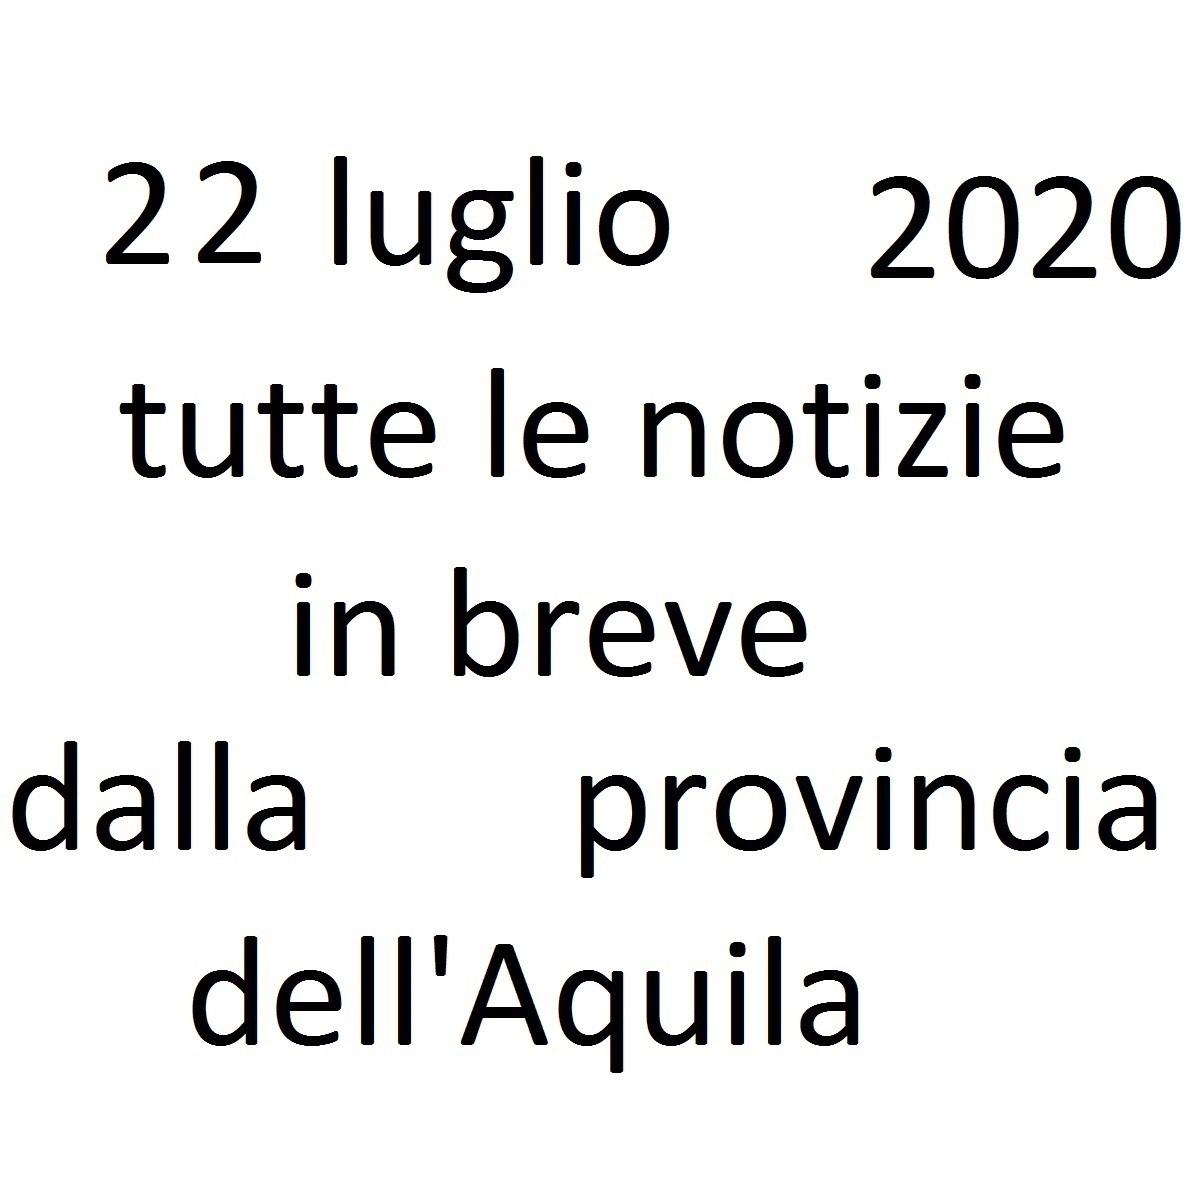 22 luglio 2020 notizie in breve dalla Provincia dell'Aquila foto